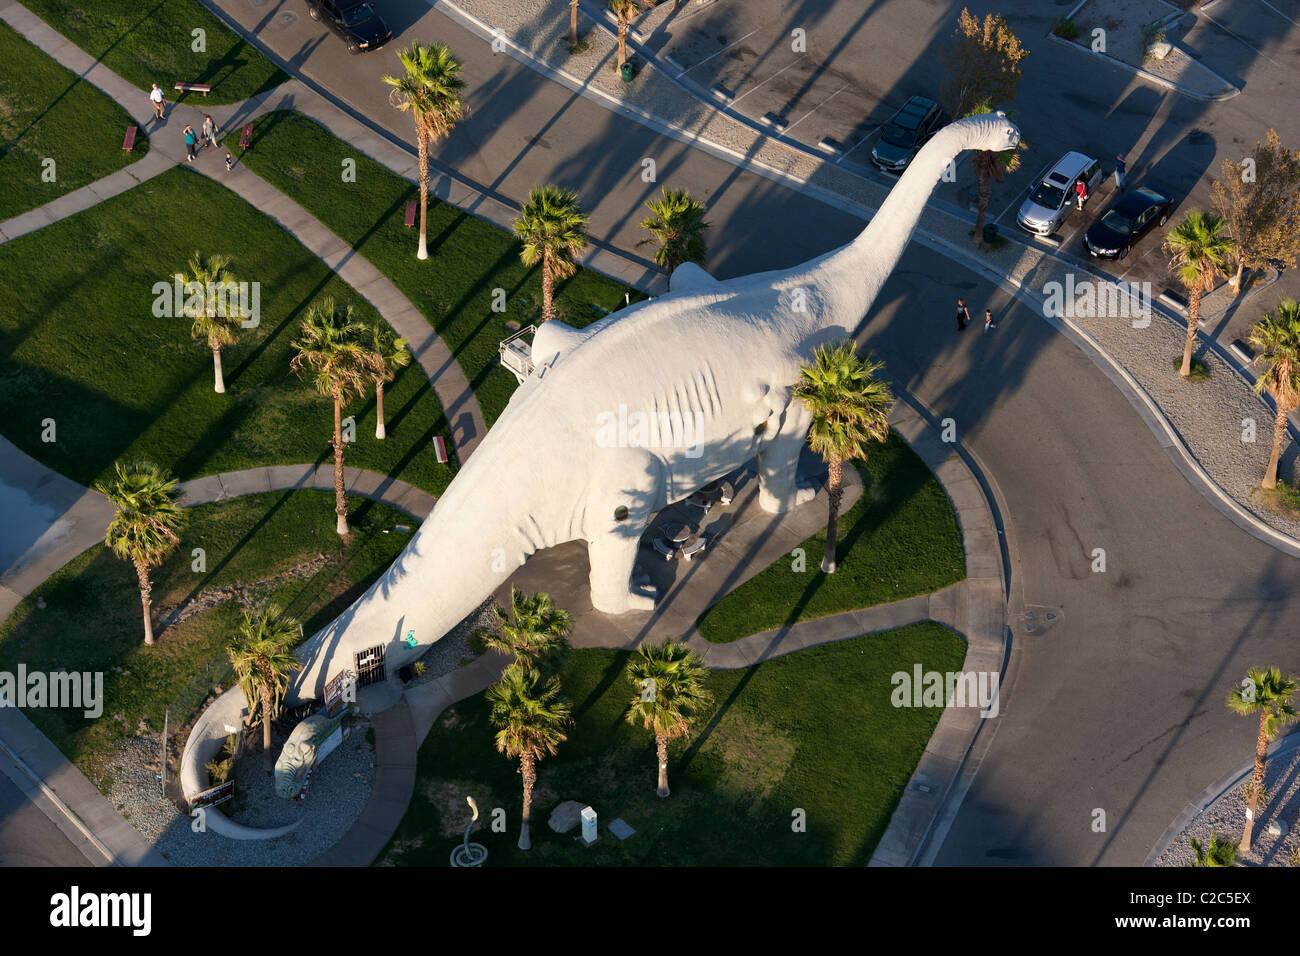 BRONTOSAUR - Attrazione stradale & Dinosaur Museum (vista aerea). A fianco della Interstate 10. Cabazon, California, Immagini Stock